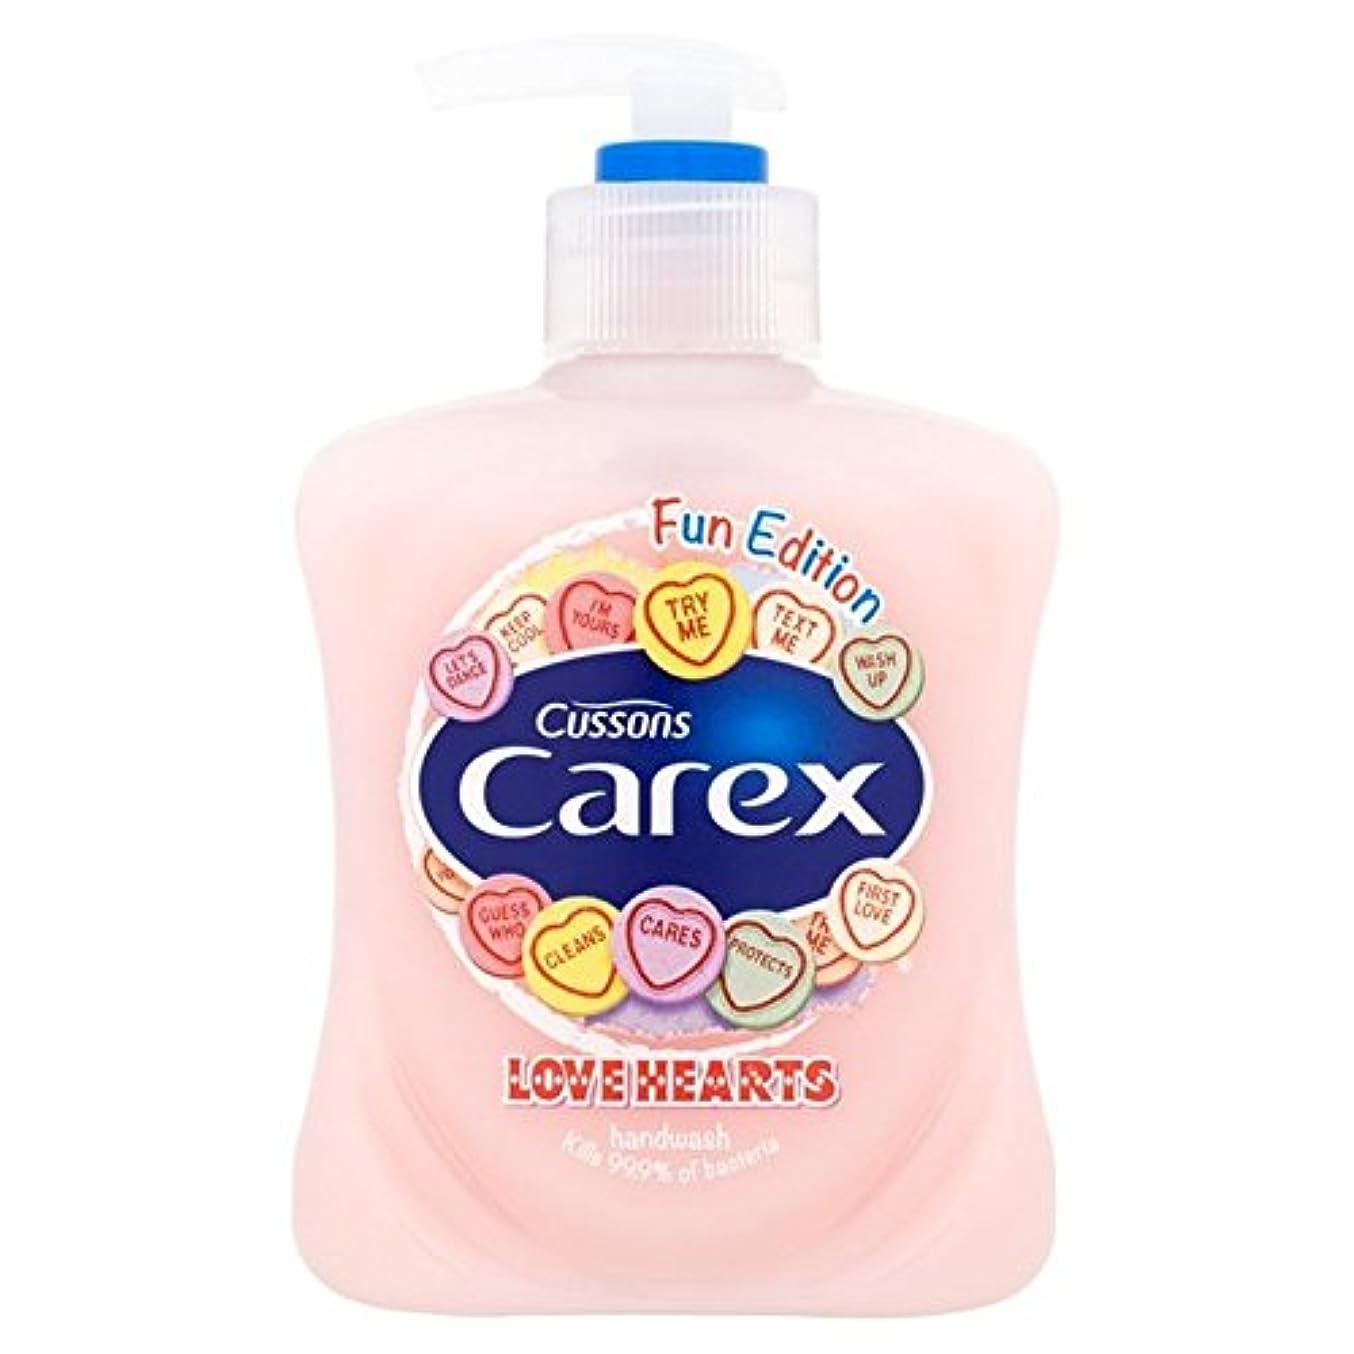 毎日汚すカトリック教徒スゲ楽しい版愛の心のハンドウォッシュ250ミリリットル x4 - Carex Fun Edition Love Hearts Hand Wash 250ml (Pack of 4) [並行輸入品]